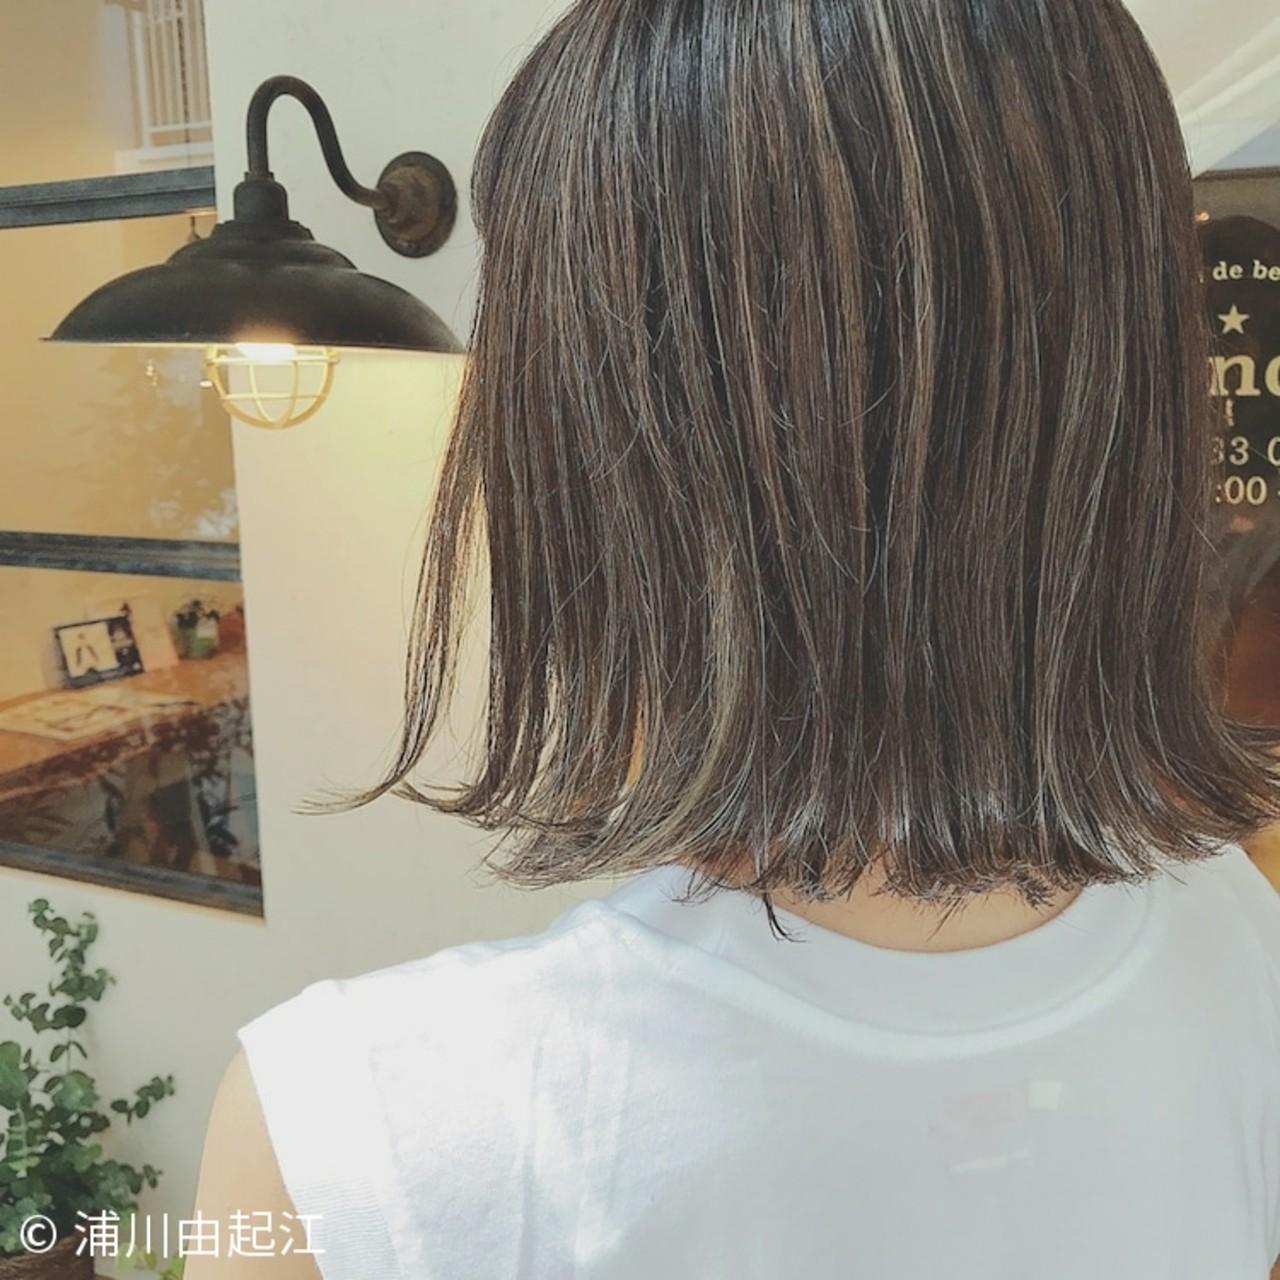 モテ髪 モード ボブ ハイライト ヘアスタイルや髪型の写真・画像